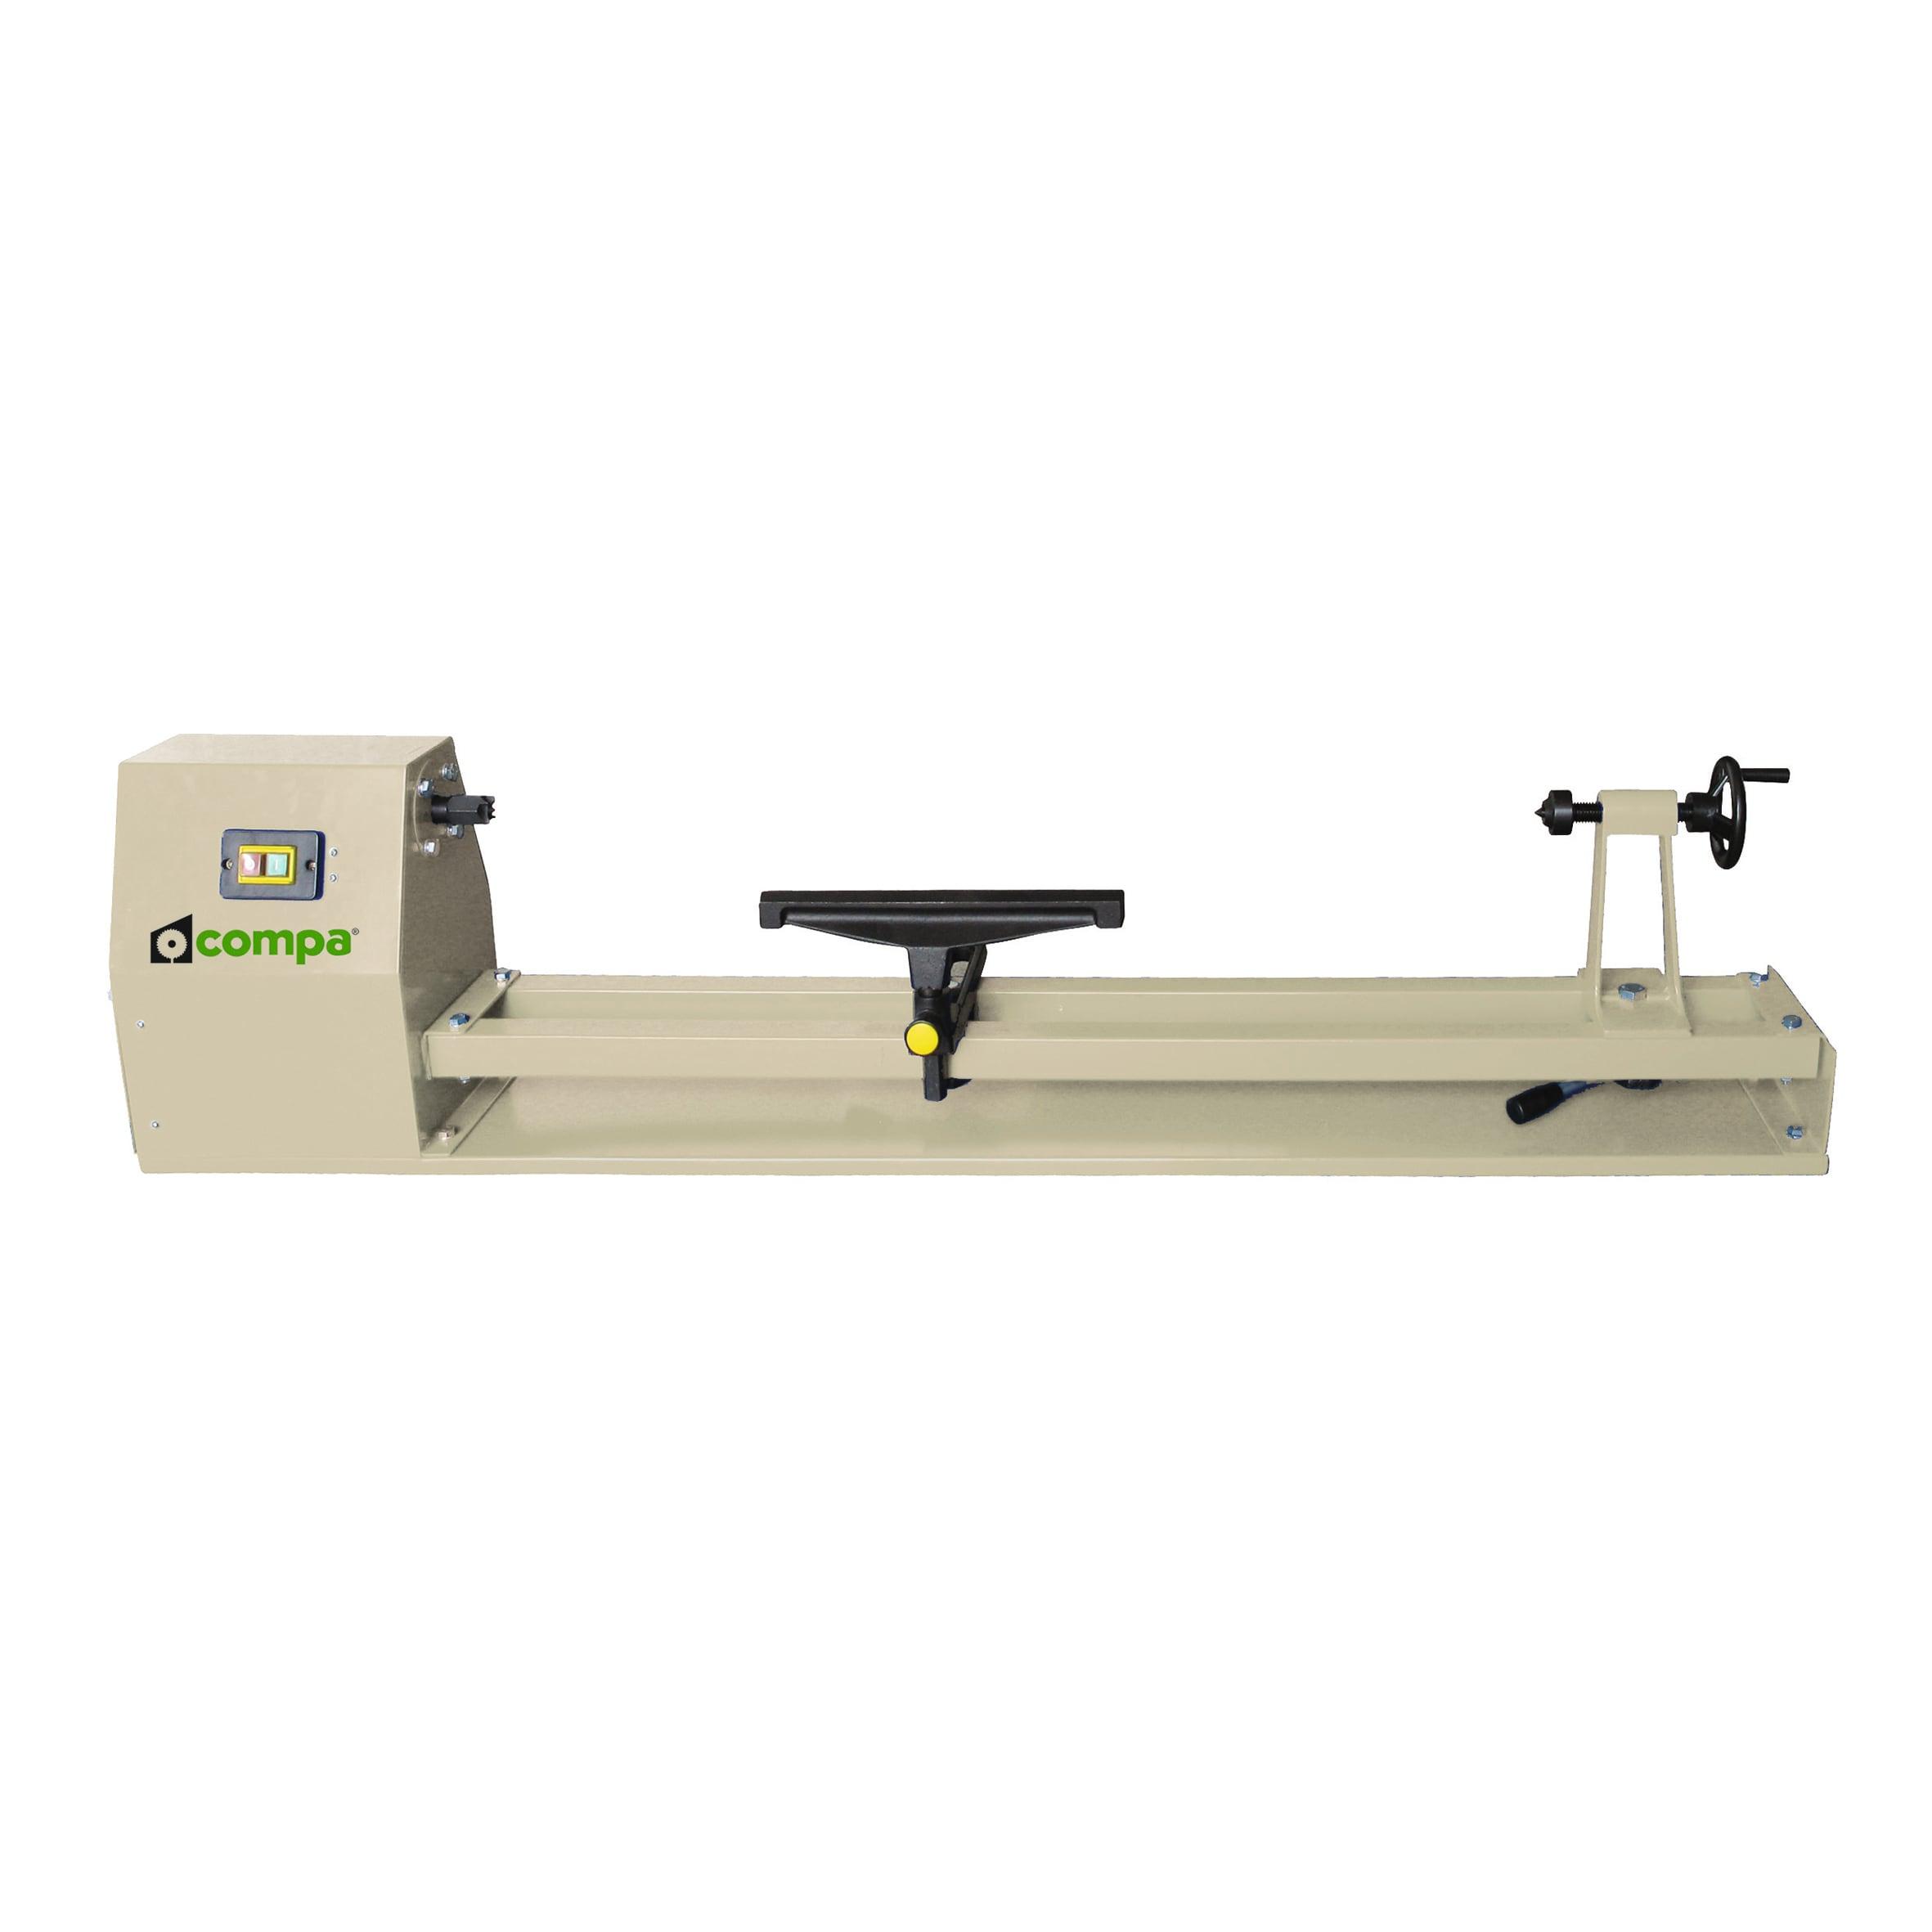 a49f53c20af3 offerte e Tornio legno per online Compa Merlin prezzi Leroy wFfqaXC